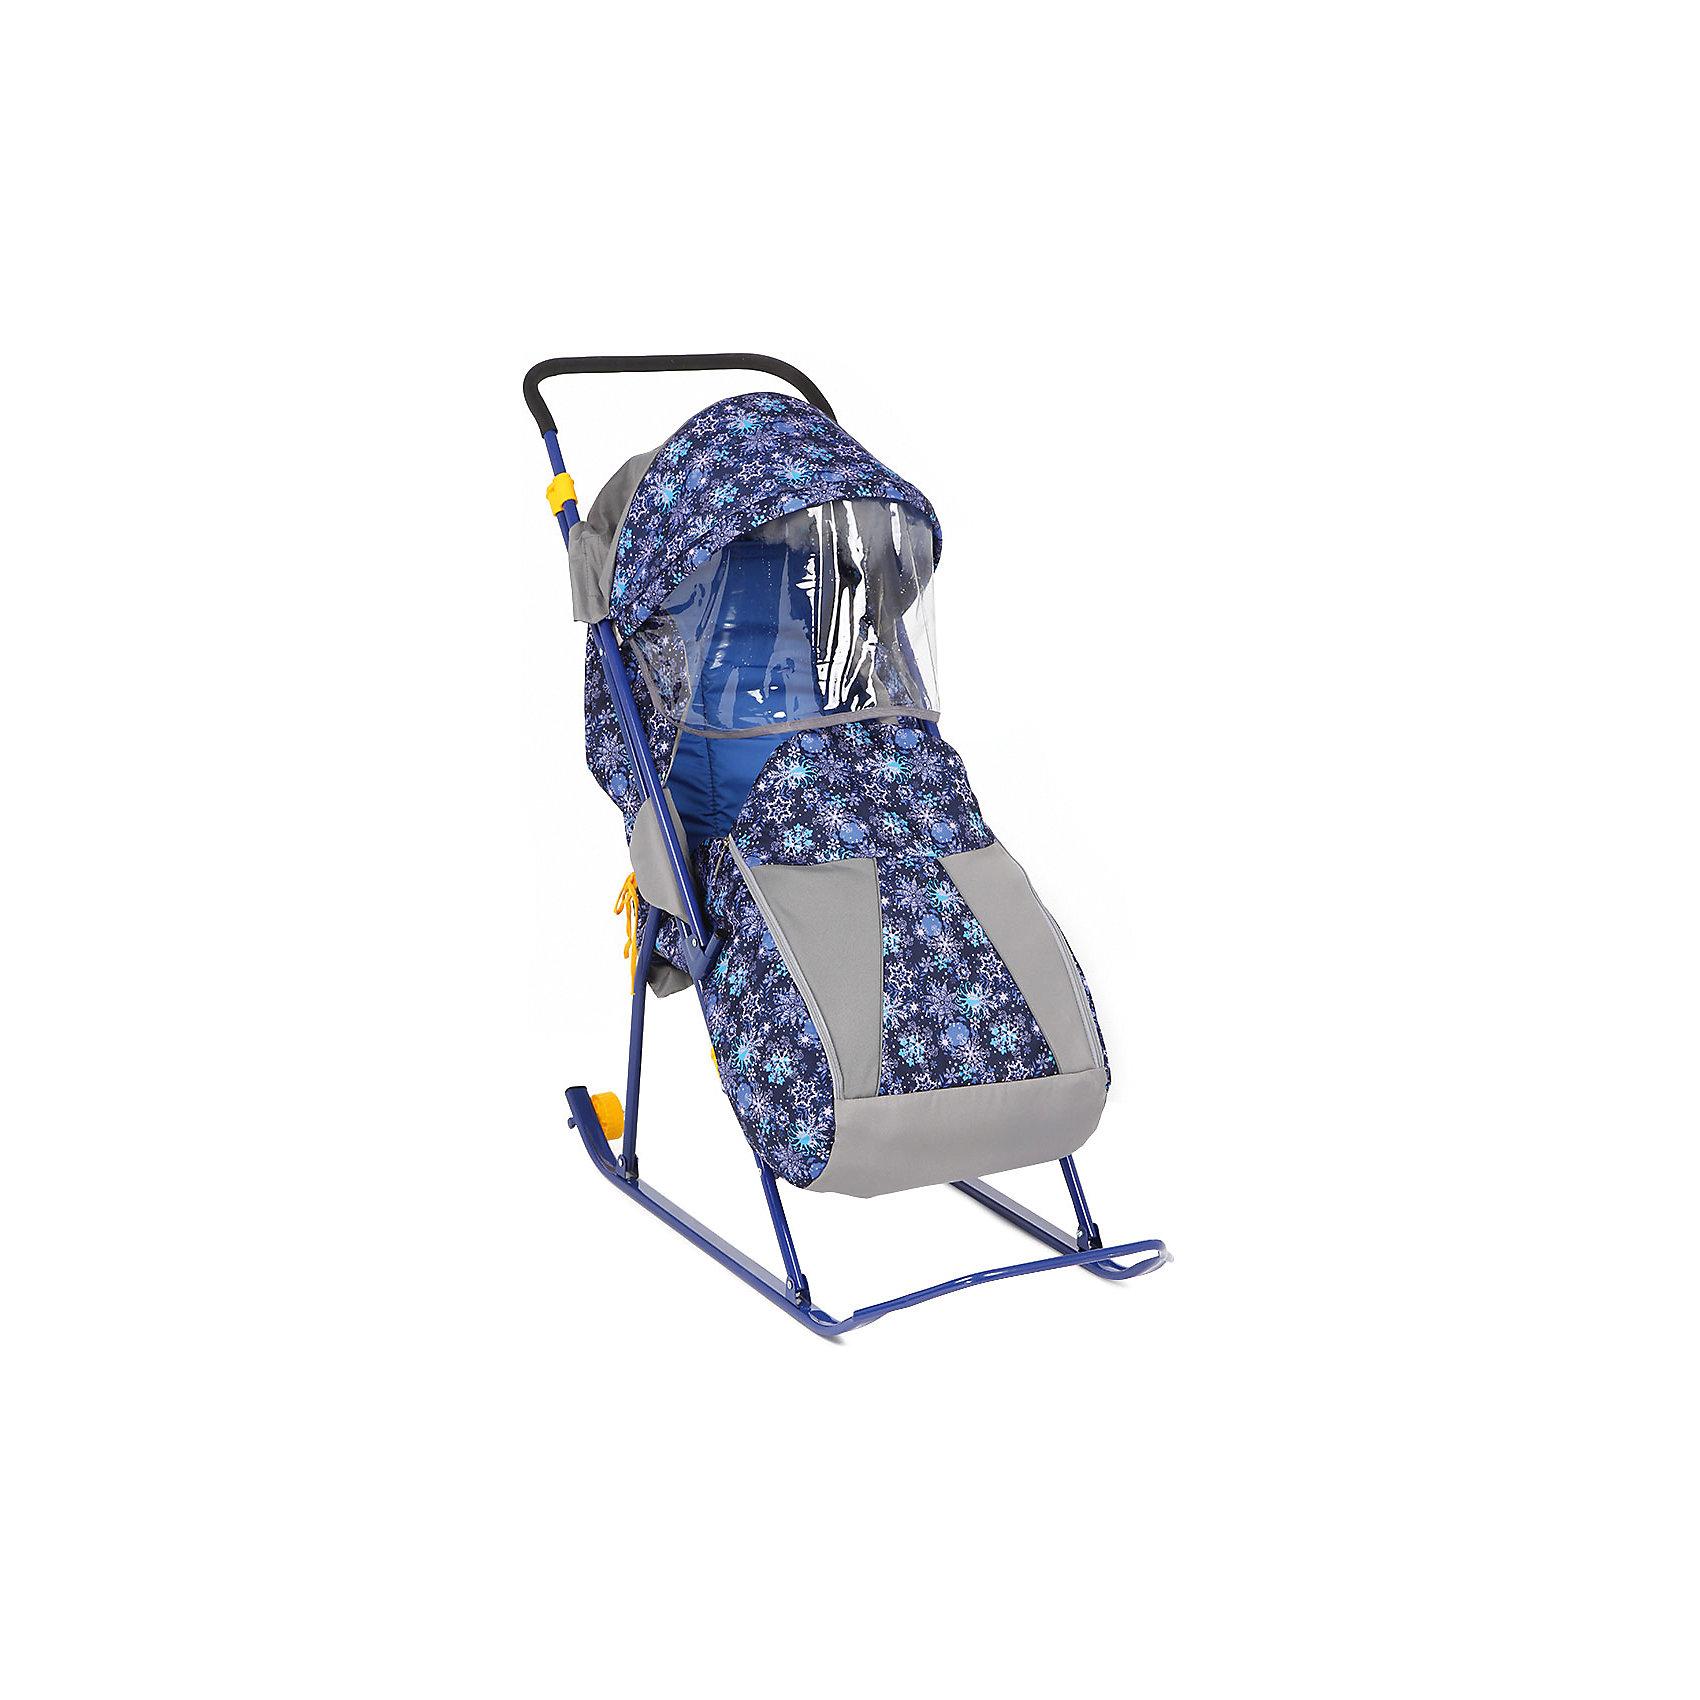 Санки-коляска Снежинка премиум, Galaxy, снежинки/синийХарактеристики:<br><br>• Наименование: санки-коляска<br>• Сезон: зима<br>• Пол: универсальный<br>• Материал: металл, пластик, текстиль<br>• Цвет: синий, голубой, белый<br>• Наличие 2-х маленьких колесиков<br>• Наличие перекидной ручки<br>• Наличие ремней безопасности<br>• Максимально допустимый вес: 80 кг<br>• Размеры (Д*Ш*В): 102*41*102 см<br>• Вес: 6 кг 300 г<br>• Спинка регулируемая<br>• Чехол для ножек застегивается на молнию<br>• Наличие складного козырька с тентом<br>• Каркас усиленный <br><br>Санки-коляска Снежинка премиум, Galaxy, снежинки/синий предназначены для зимних прогулок с ребенком по разным видам дорожной поверхности. Санки оснащены полозьями и дополнительно маленькими колесиками, которые позволяют без труда преодолеть незаснеженные участки дороги. Чехлы, выполненые из непродуваемого и непромокаемого материала, обеспечат клмфортные прогулки даже в самую непогоду, а регулируемая по высоте спинка позволит не прерывать прогулку, даже если малыш заснул. Санки-коляска оснащены ремнями безопасности, ручка перекидывается, что делает их удобными не только для ребенка, но и для мамы. <br><br>Санки-коляска Снежинка премиум, Galaxy, снежинки/синий можно купить в нашем интернет-магазине.<br><br>Ширина мм: 1110<br>Глубина мм: 416<br>Высота мм: 225<br>Вес г: 6300<br>Возраст от месяцев: 6<br>Возраст до месяцев: 36<br>Пол: Унисекс<br>Возраст: Детский<br>SKU: 5120638